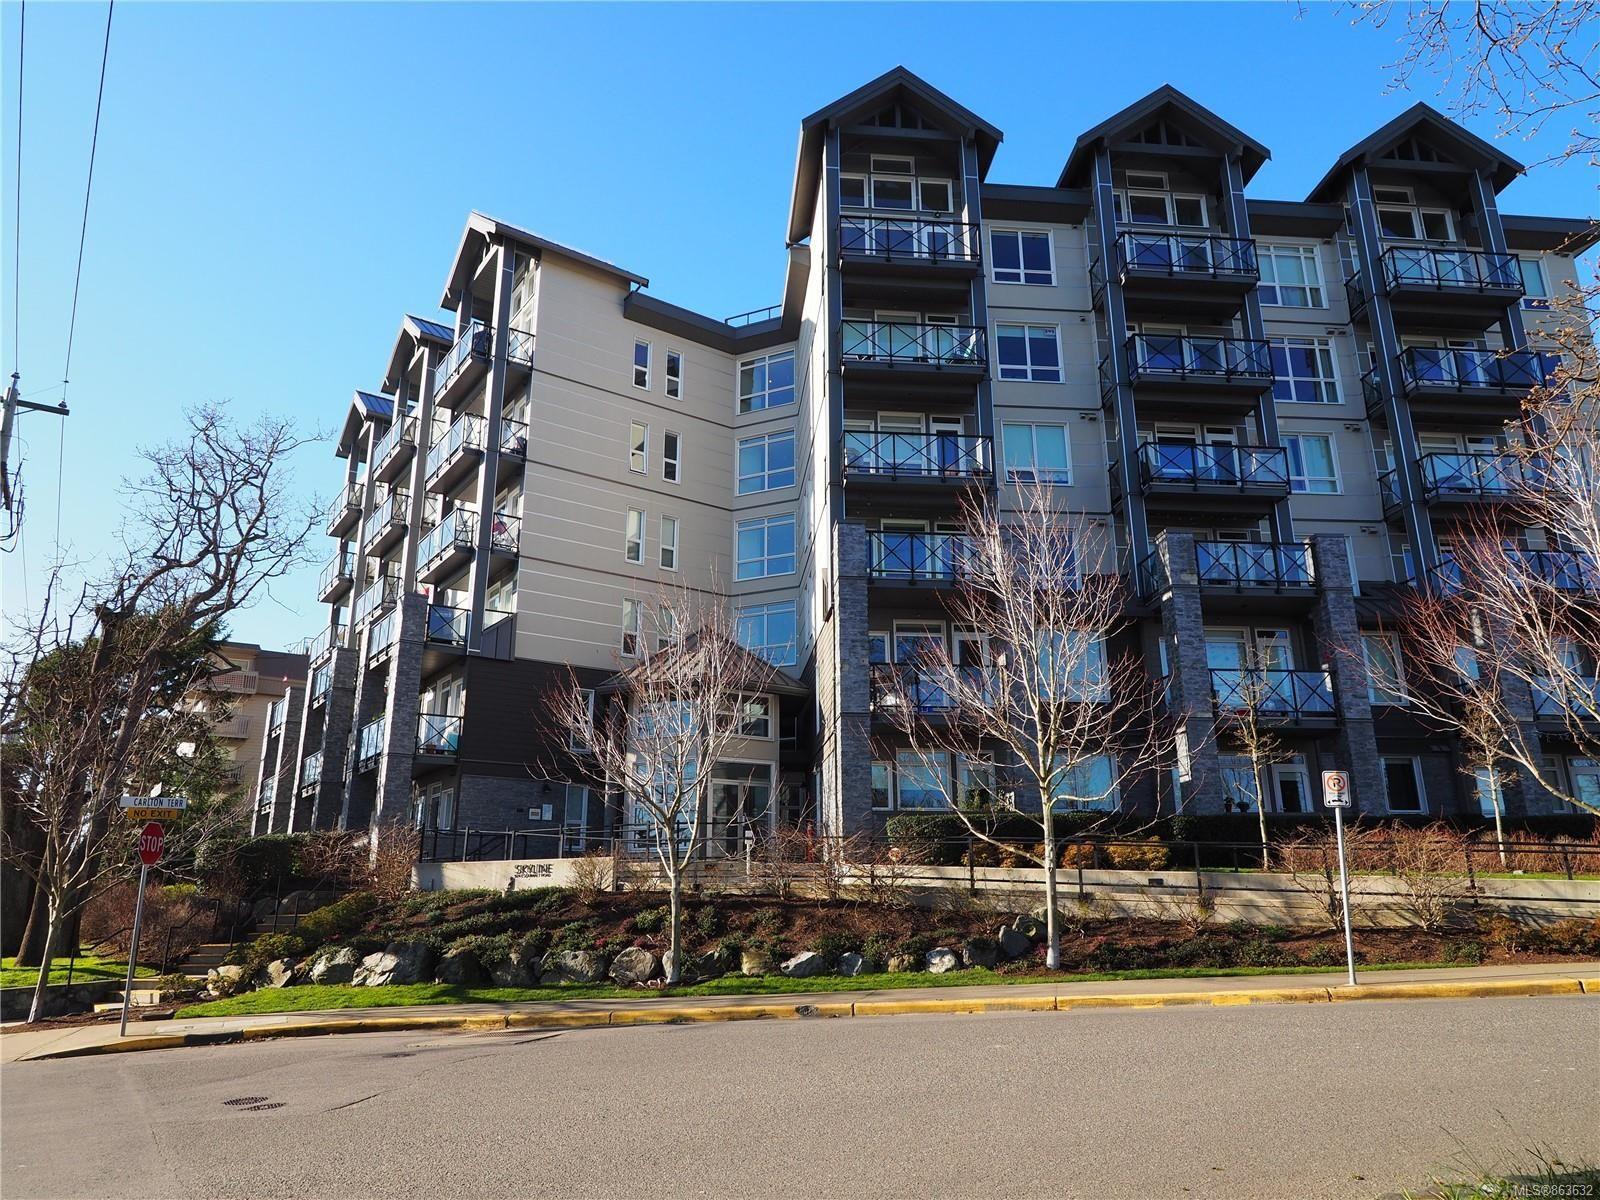 Main Photo: 207 924 Esquimalt Rd in : Es Old Esquimalt Condo for sale (Esquimalt)  : MLS®# 863632